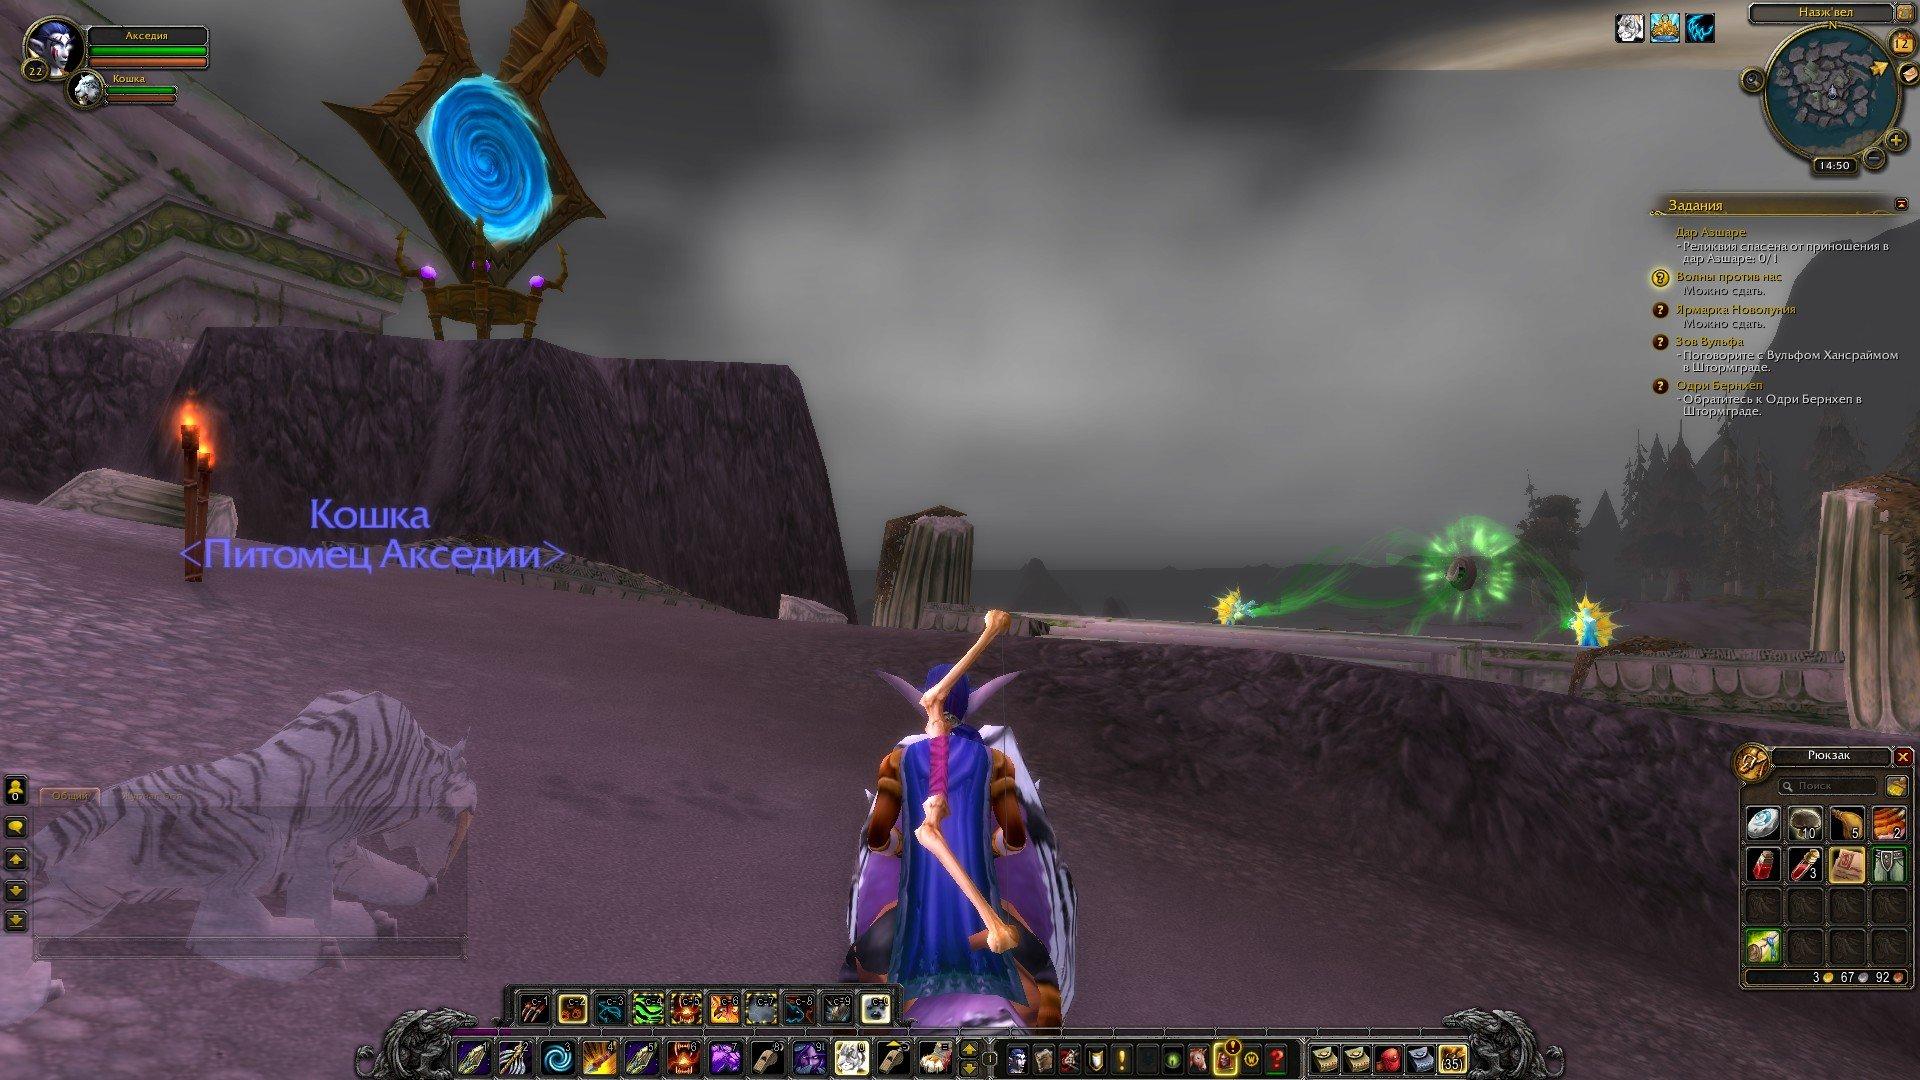 Путешествие по World of Warcraft ... Ночной Эльф. Глава 2. - Изображение 25